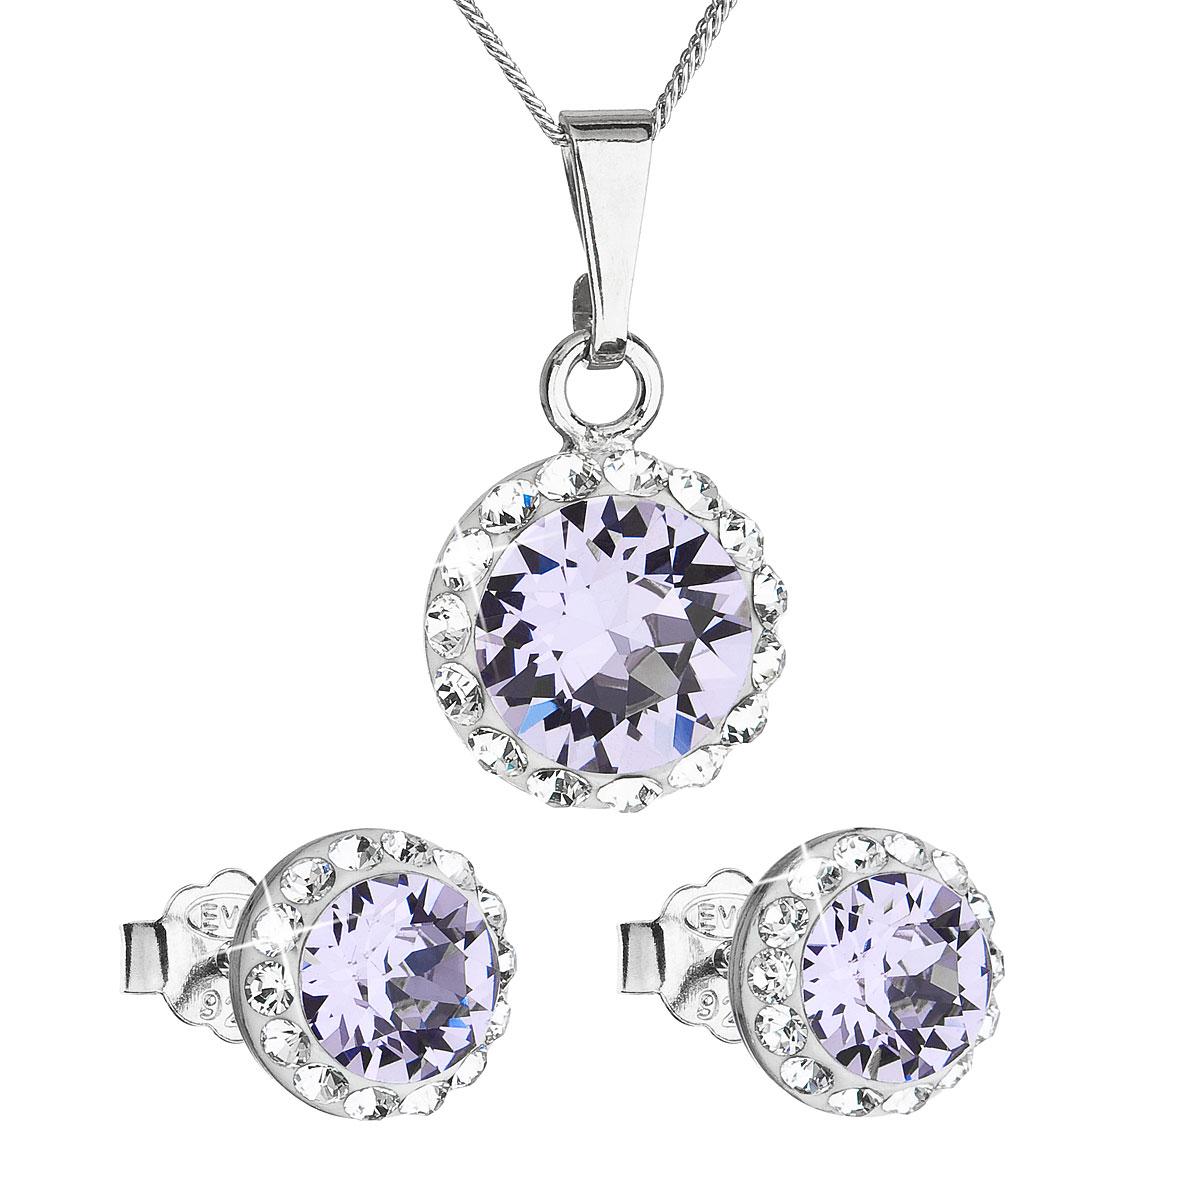 Sada šperků s krystaly Swarovski náušnice, řetízek a přívěsek fialové kulaté 39152.3 violet